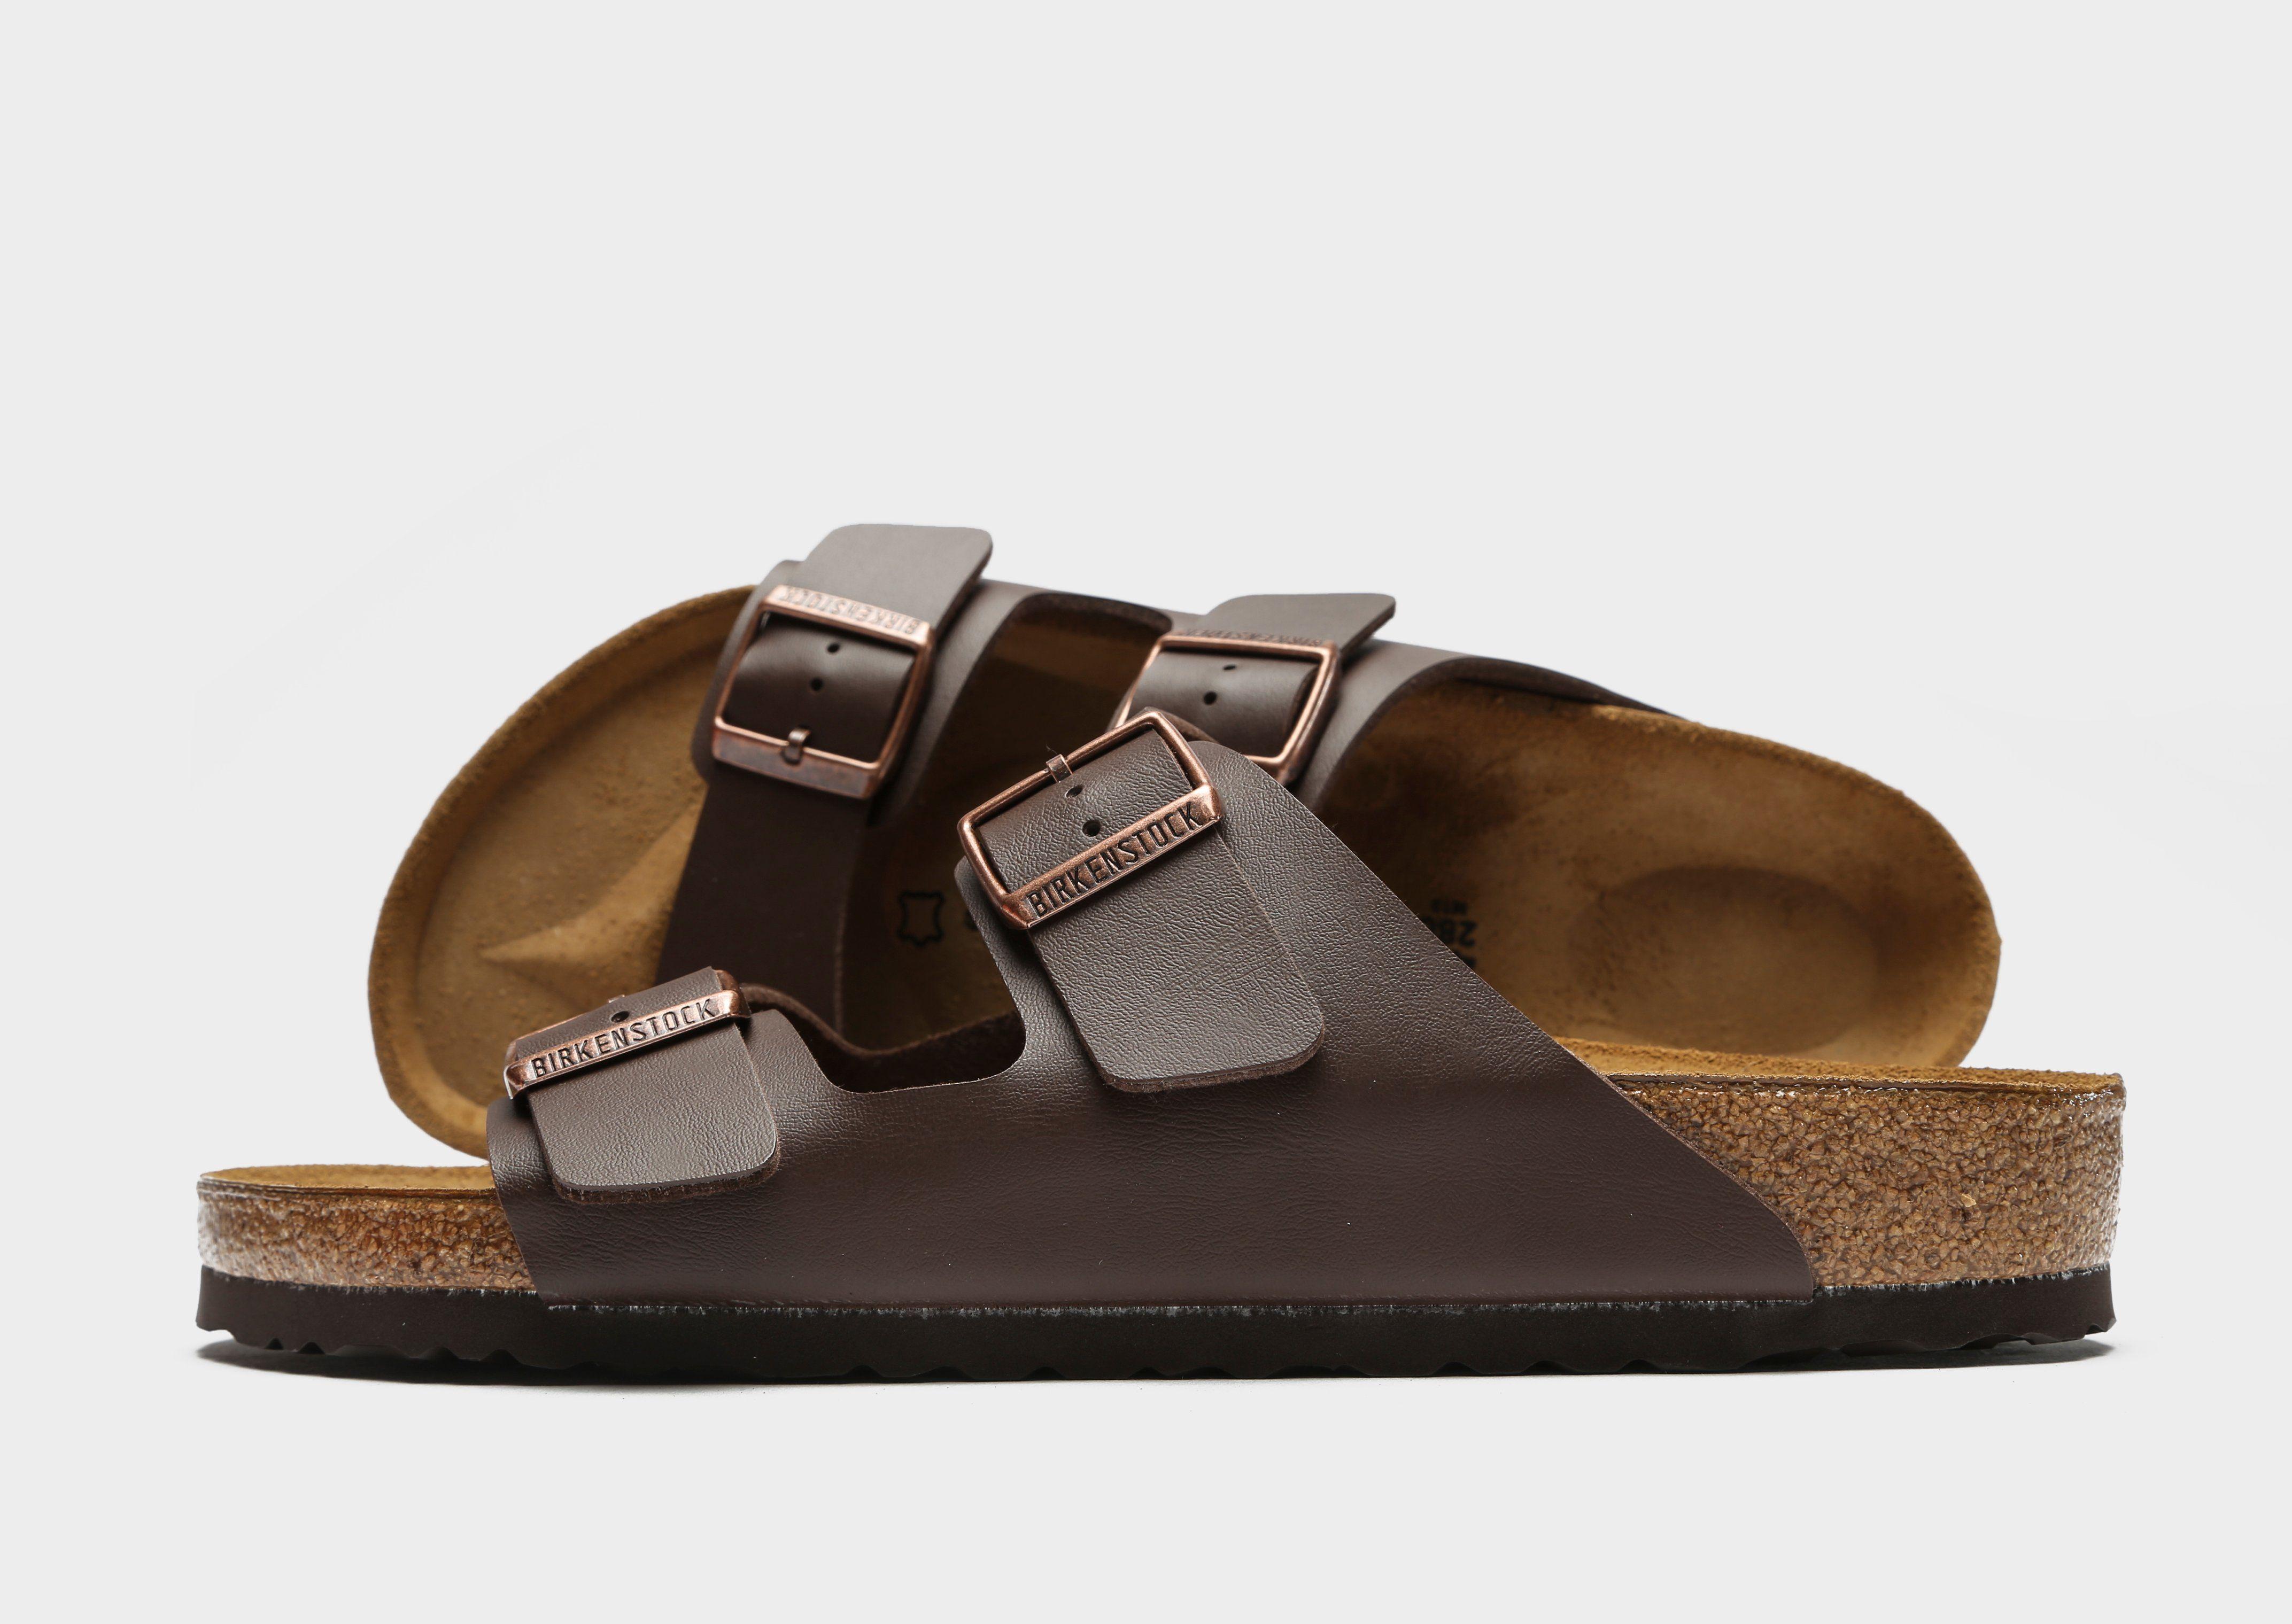 0cd23ea0f89a Birkenstock Arizona Sandals